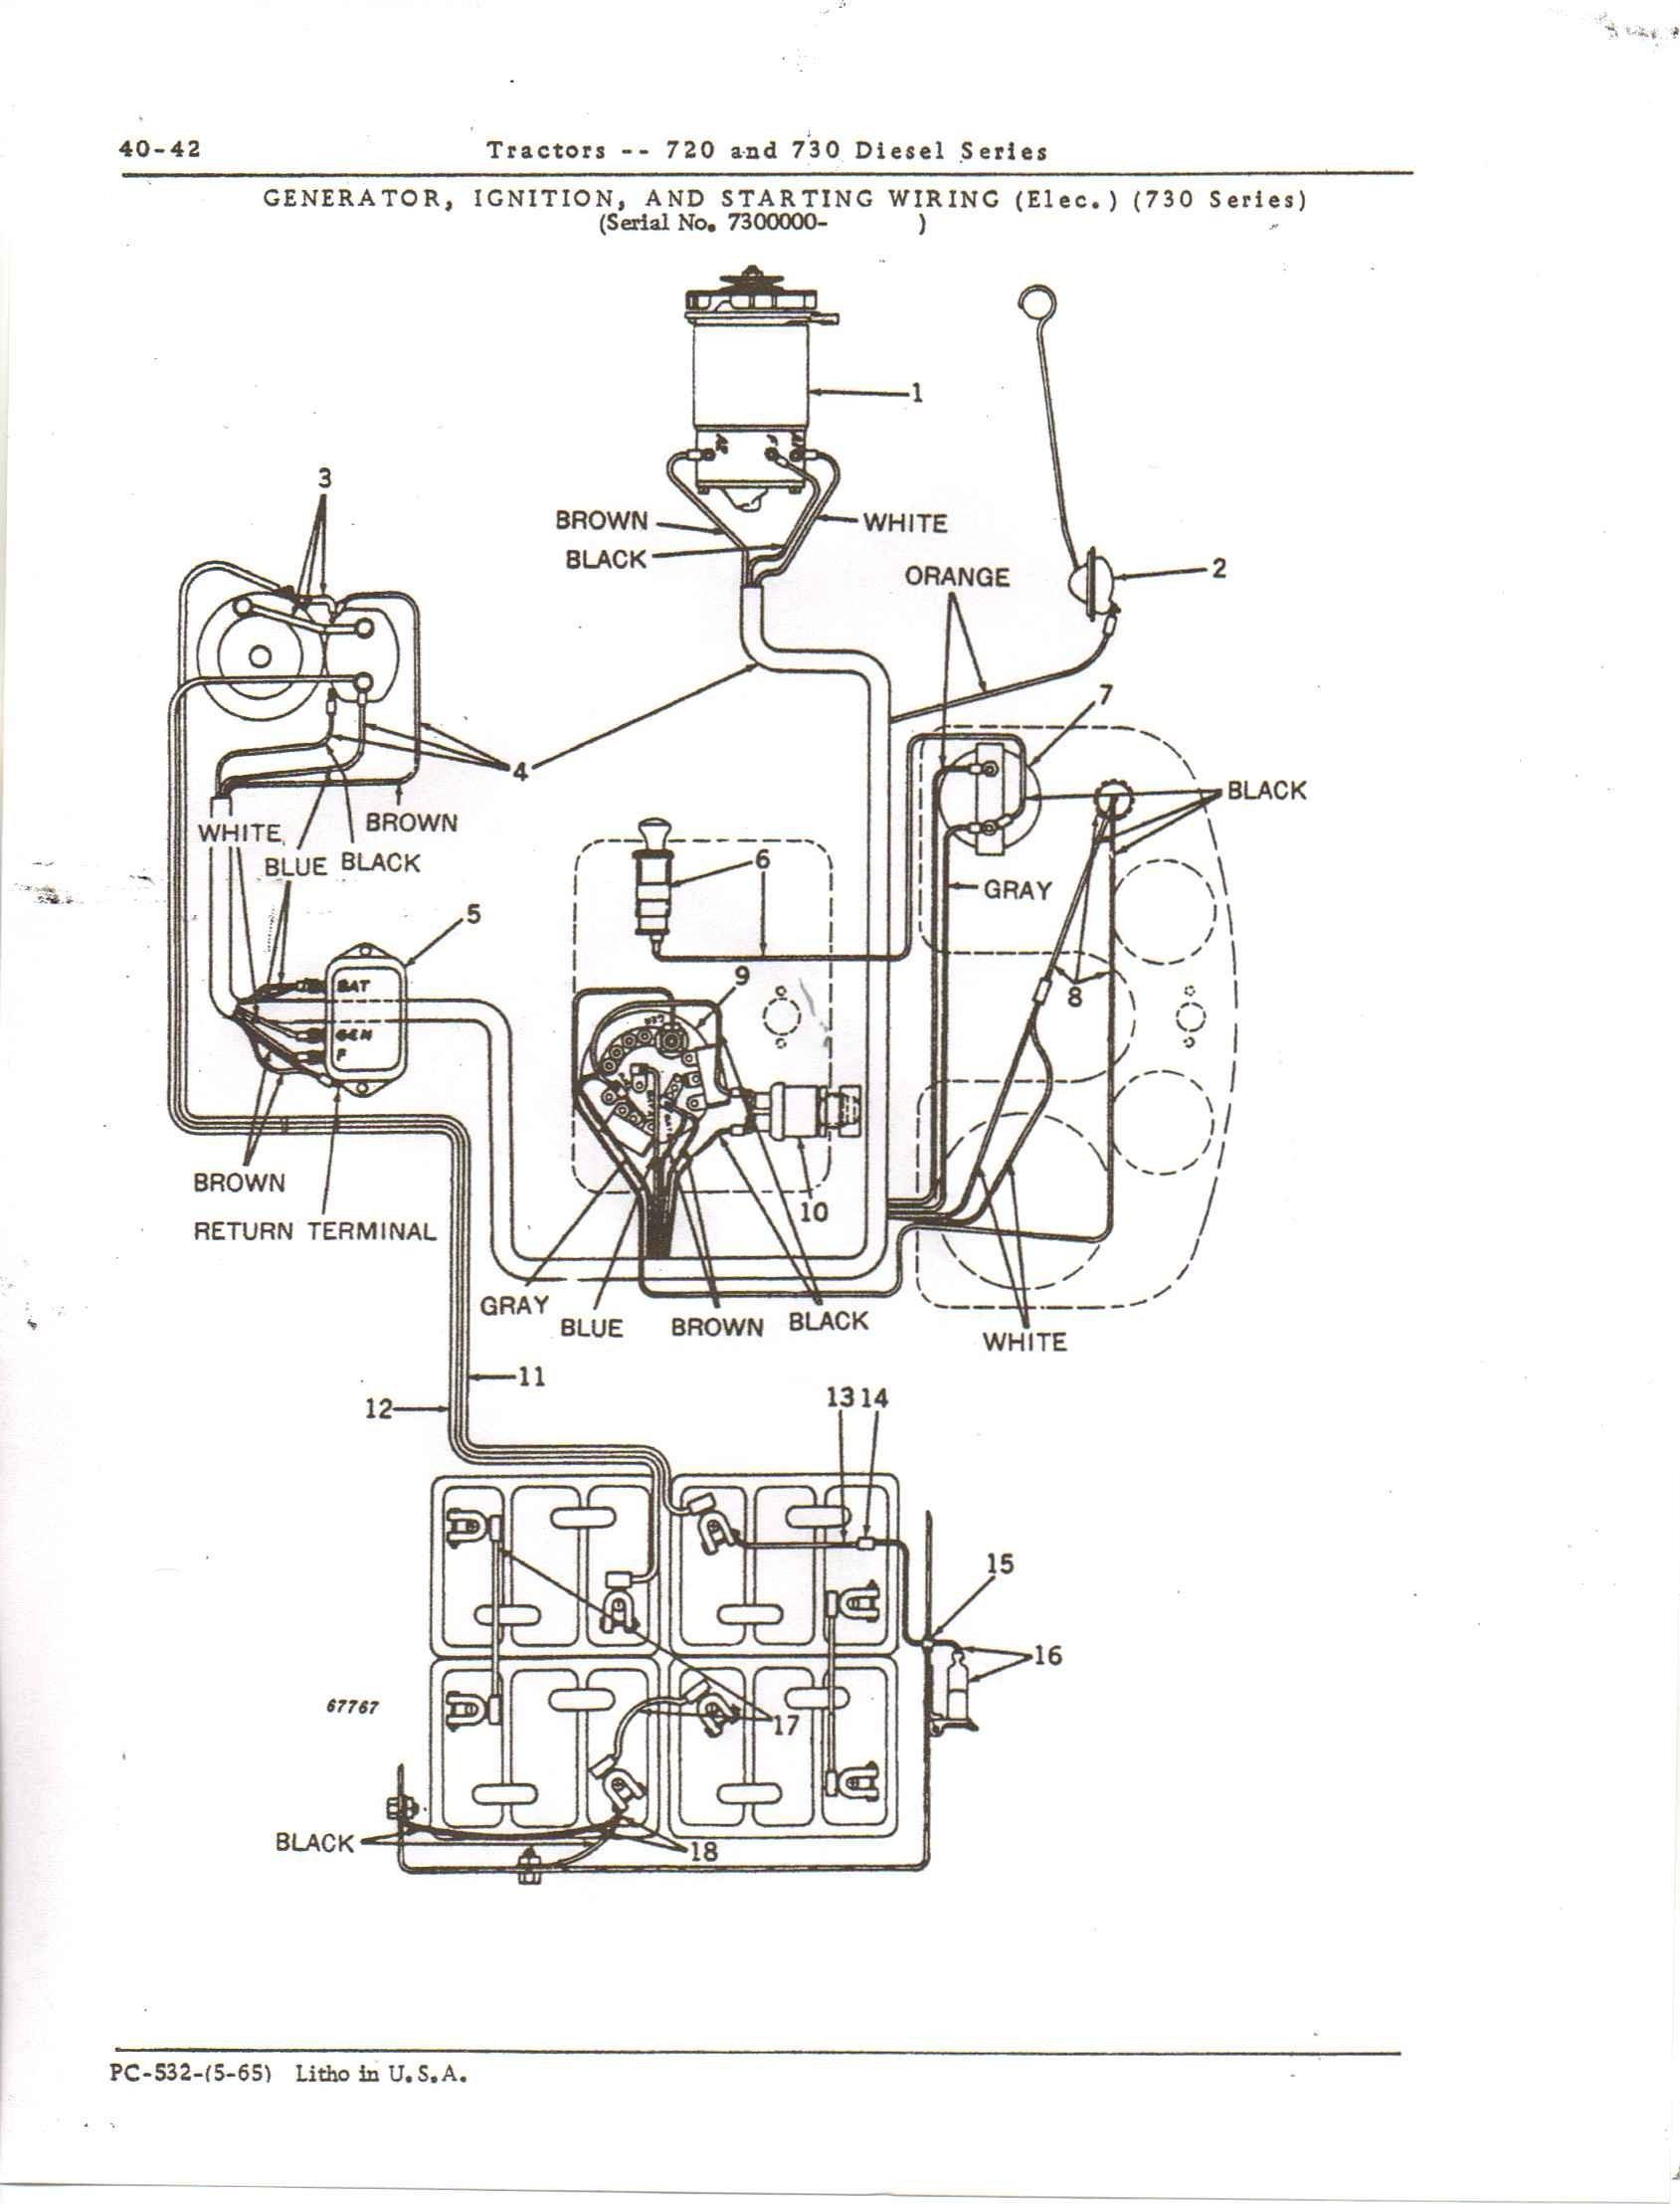 John Deere 4020 Wiring Schematics 4020 Lp Wiring Diagram Of John Deere 4020 Wiring Schematics